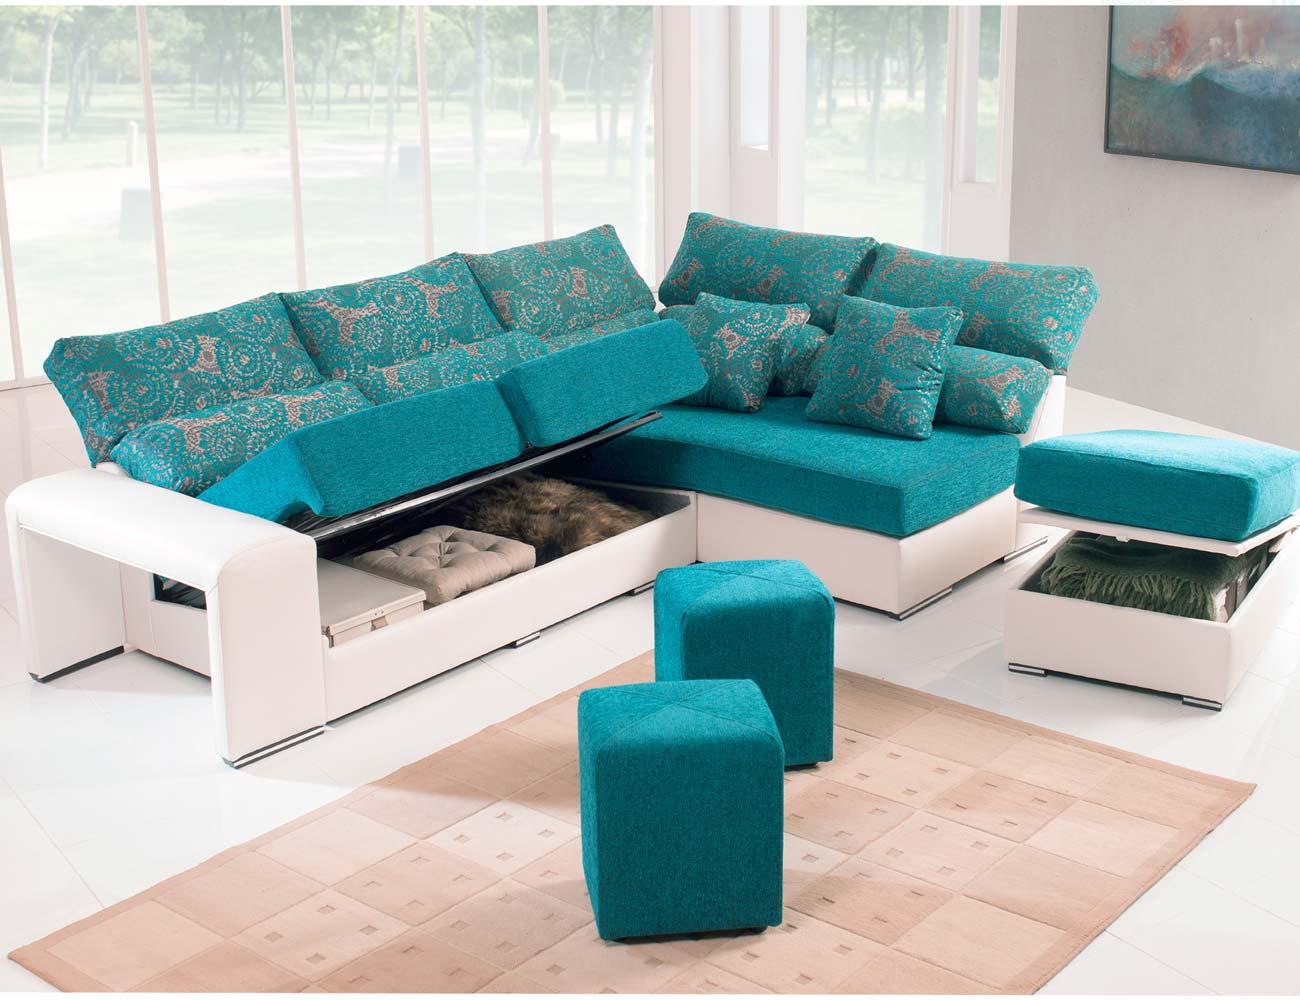 Sofa chaiselongue rincon puff arcon taburete32